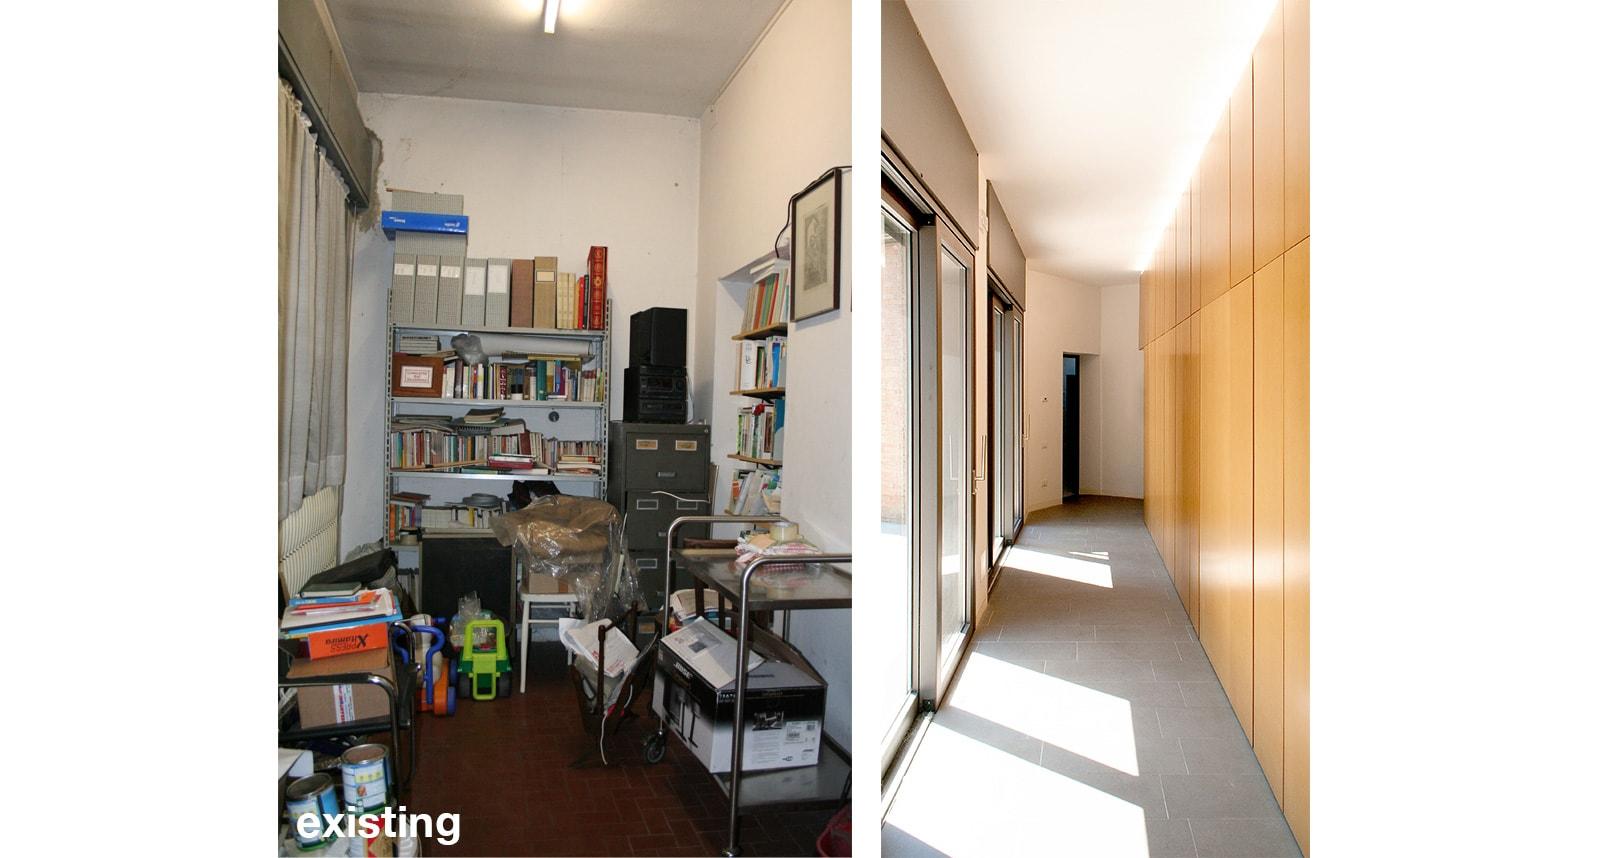 parrocchia-immacolata-ex-pr-interiors-02